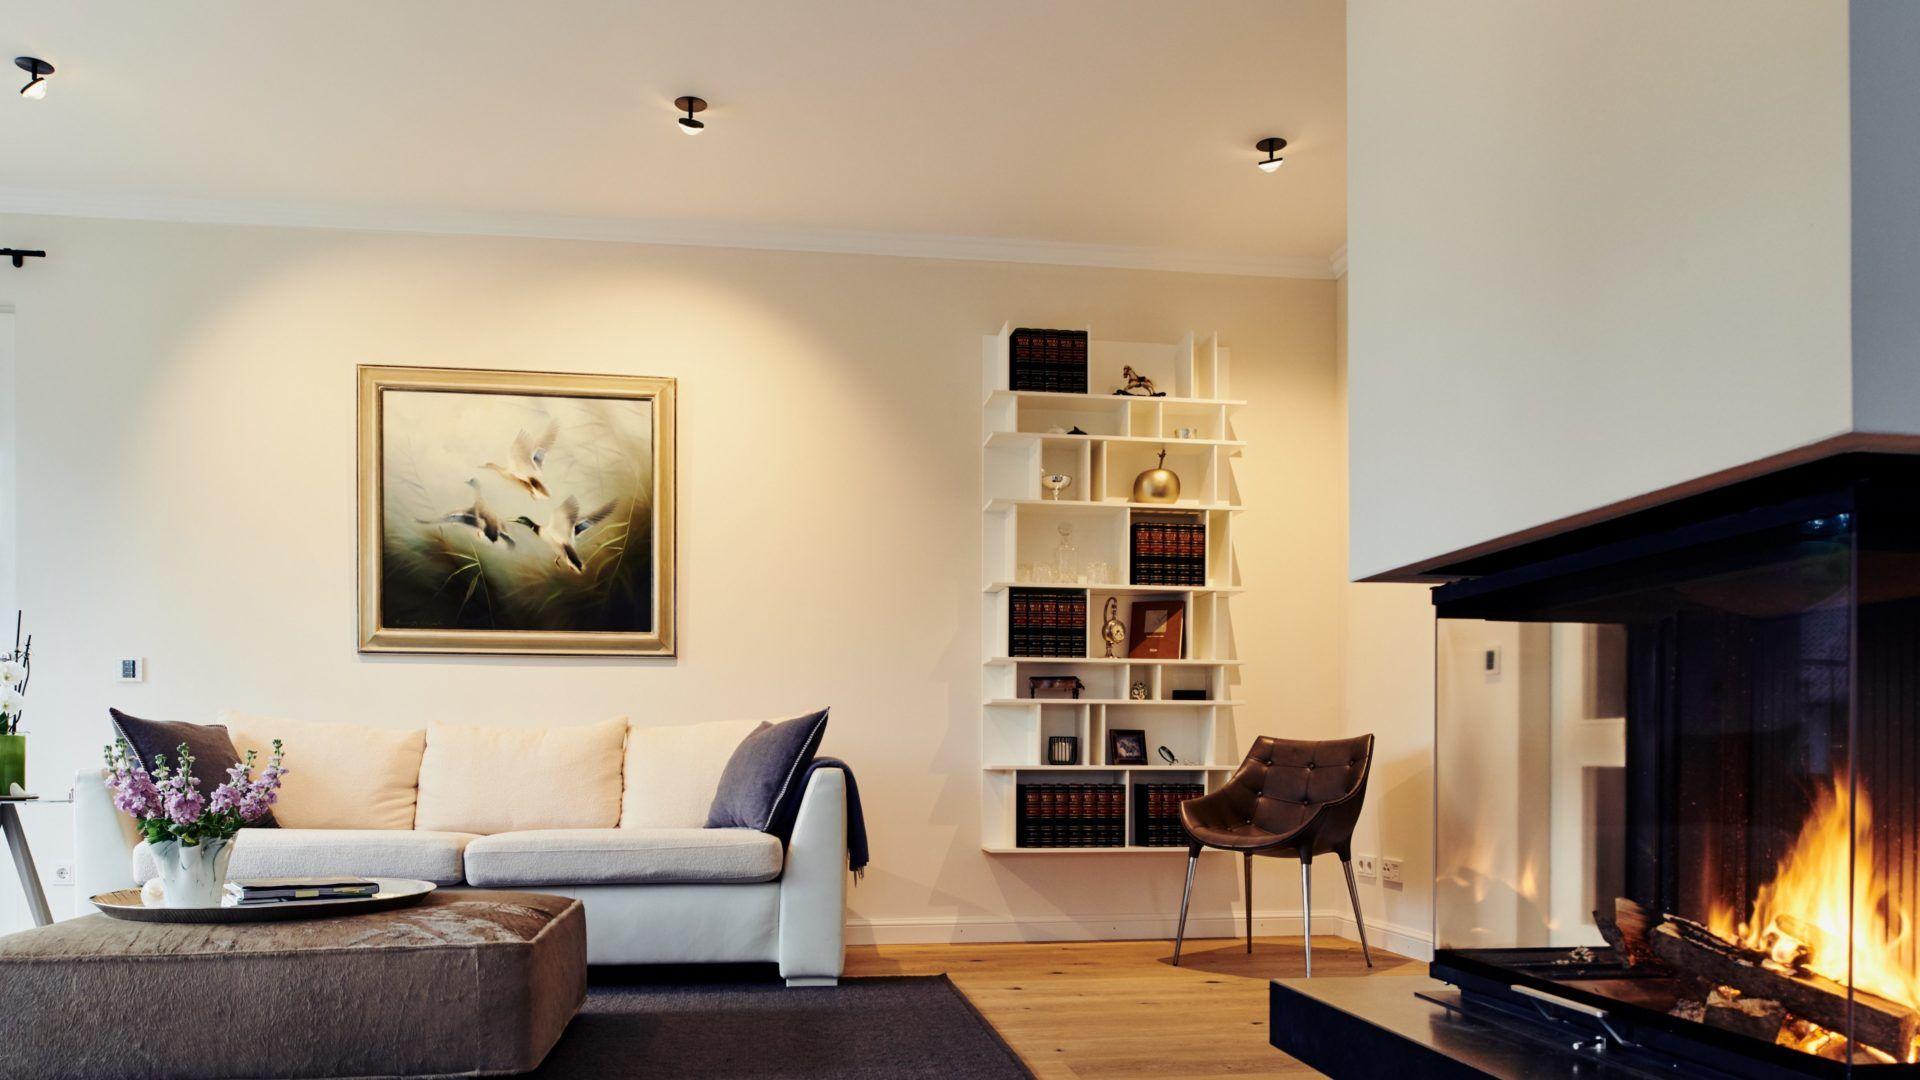 Lichtplanung für Wohnzimmer einer Villa in Traunstein